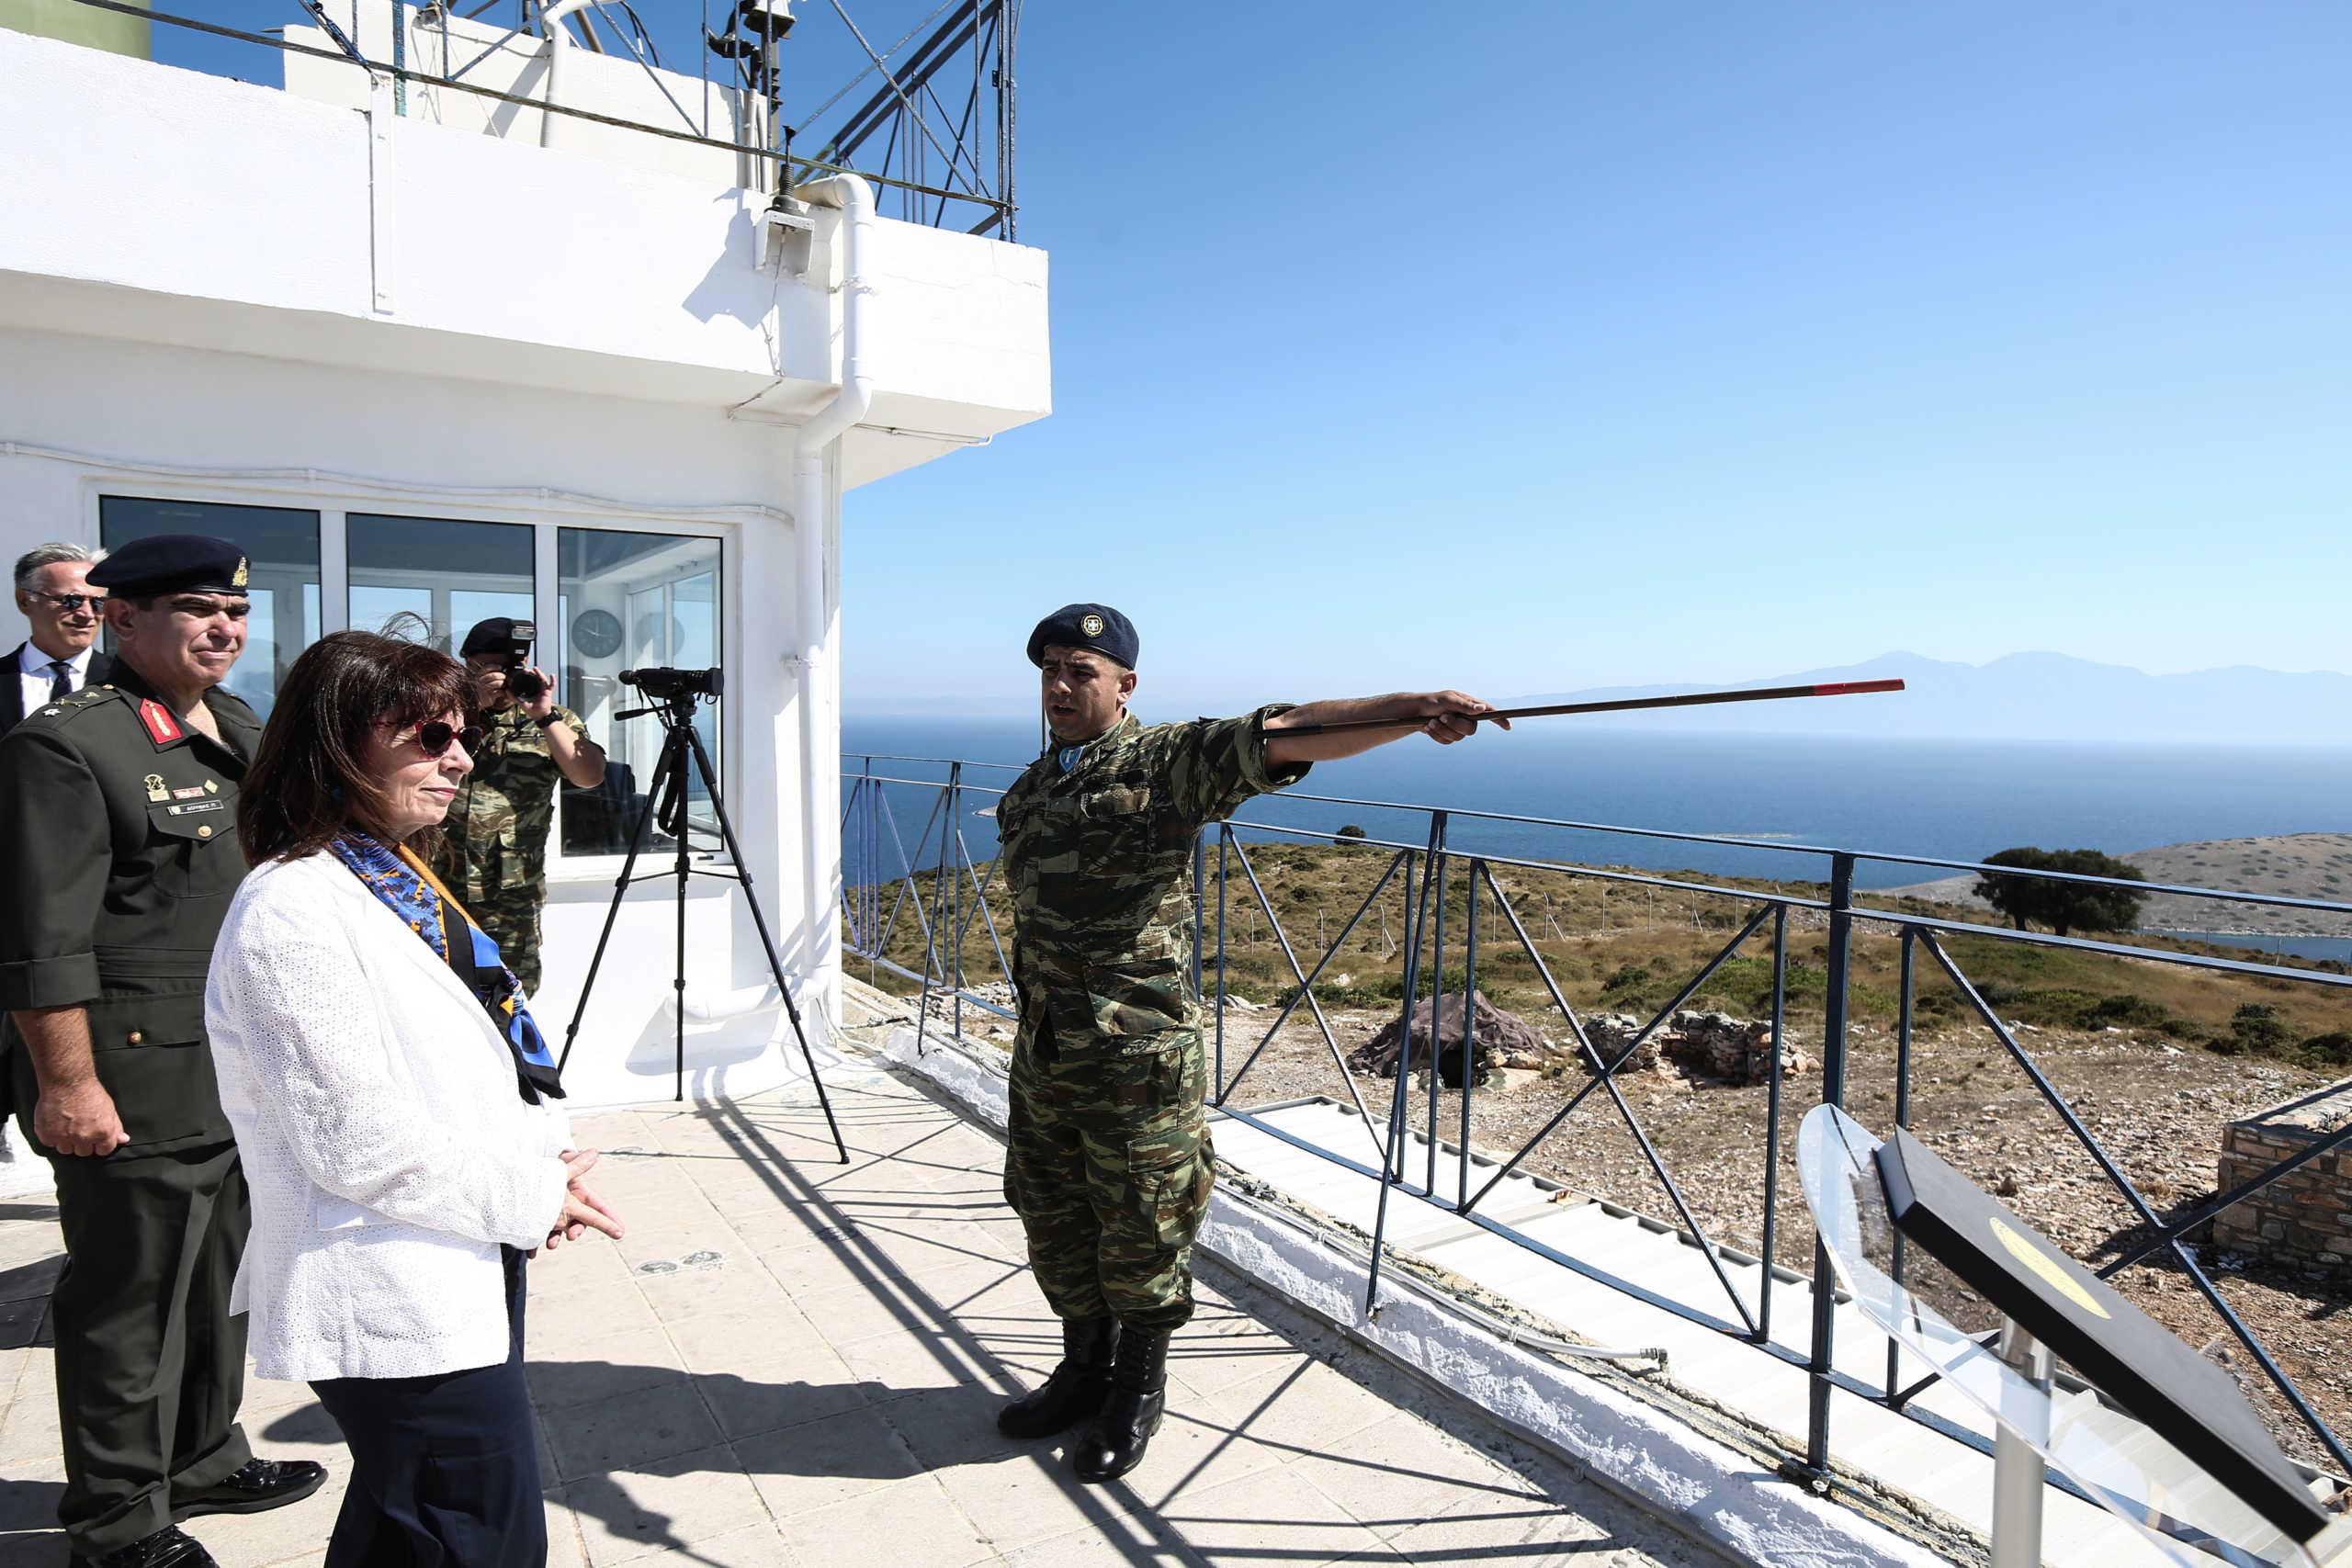 Σακελλαροπούλου από το Αγαθονήσι: Η Ελλάδα δεν είναι διατεθειμένη να απεμπολήσει κυριαρχικά δικαιώματα